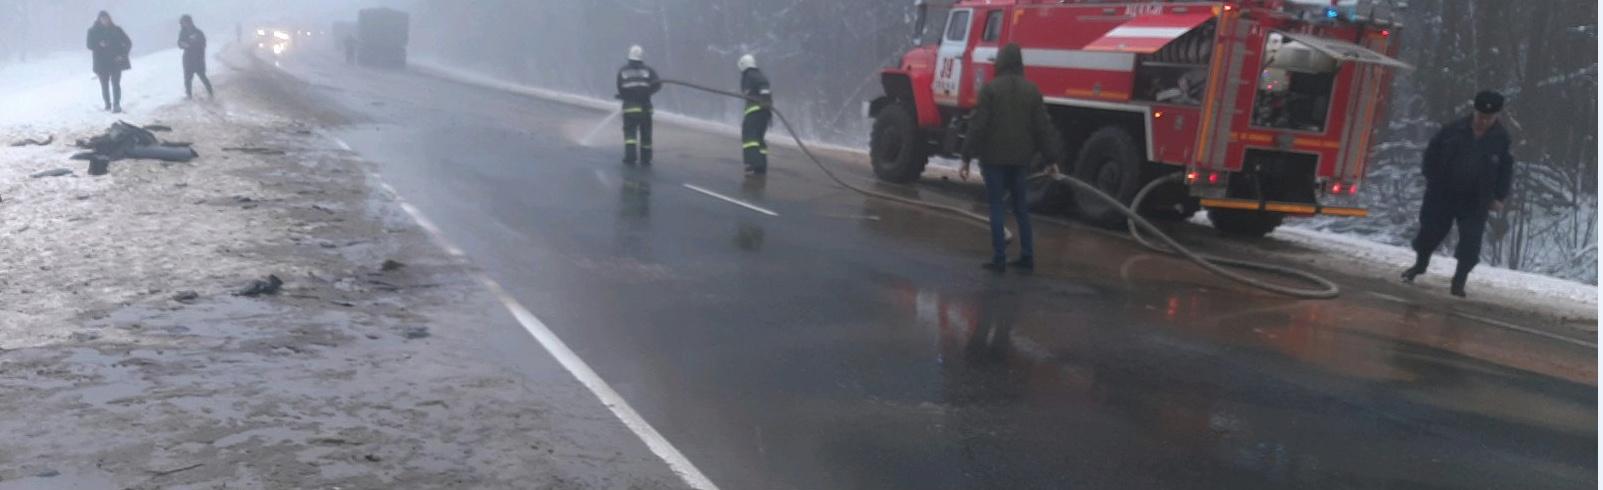 Спасатели приняли участие в ликвидации последствий ДТП в Унечском районе